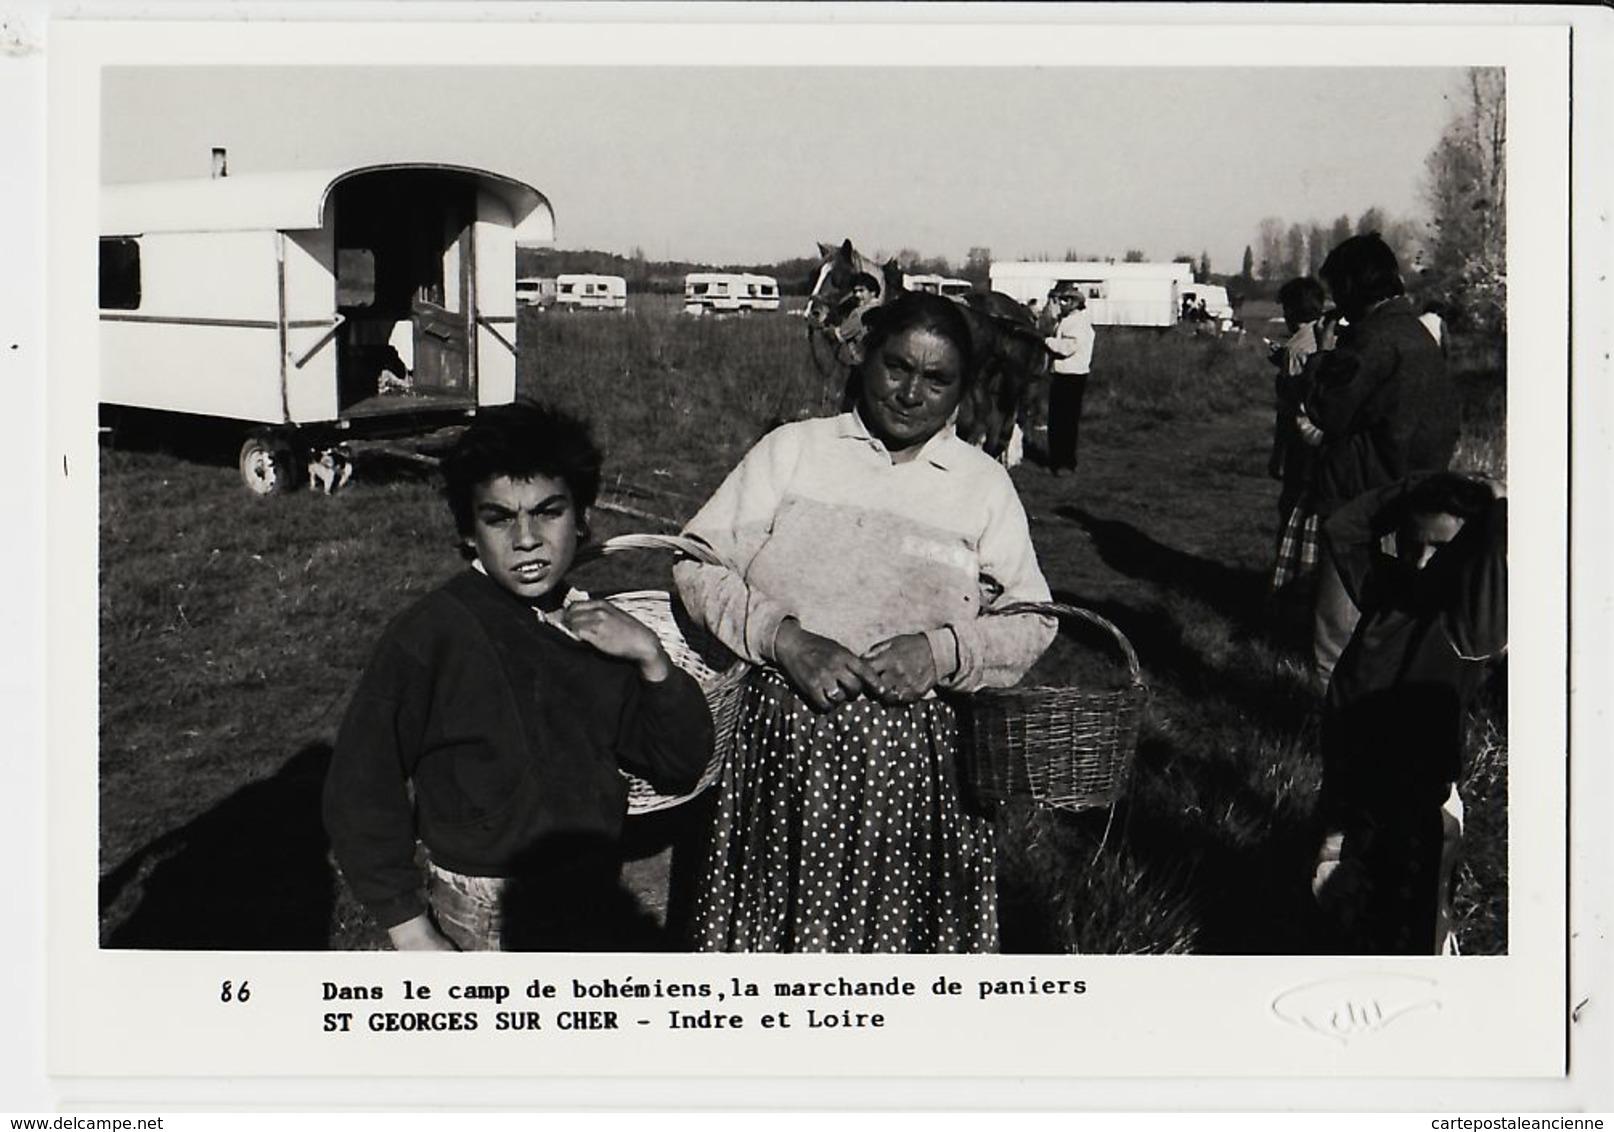 X41008 Peu Commun SAINT-GEORGES-sur-CHER Camp BOHEMIENS Marchande Paniers Osier Photo PETIT 1989 Tirage 45/100 St - France